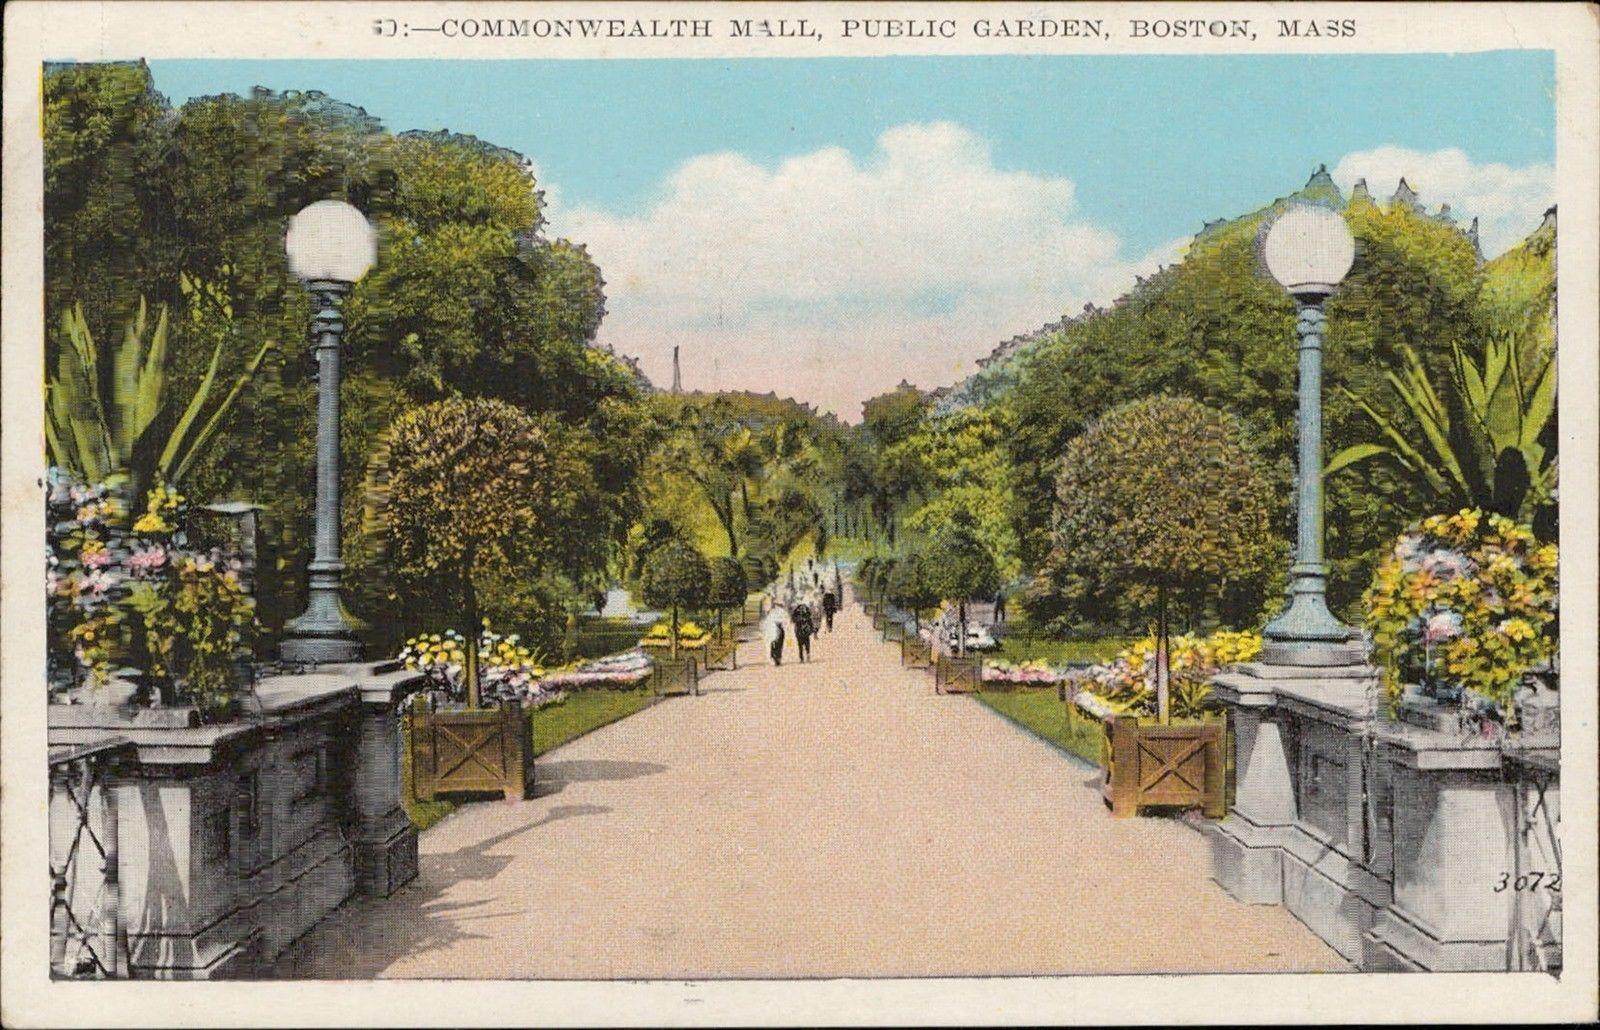 Commonwealth mall Public Garden Boston Massachusetts / HipPostcard